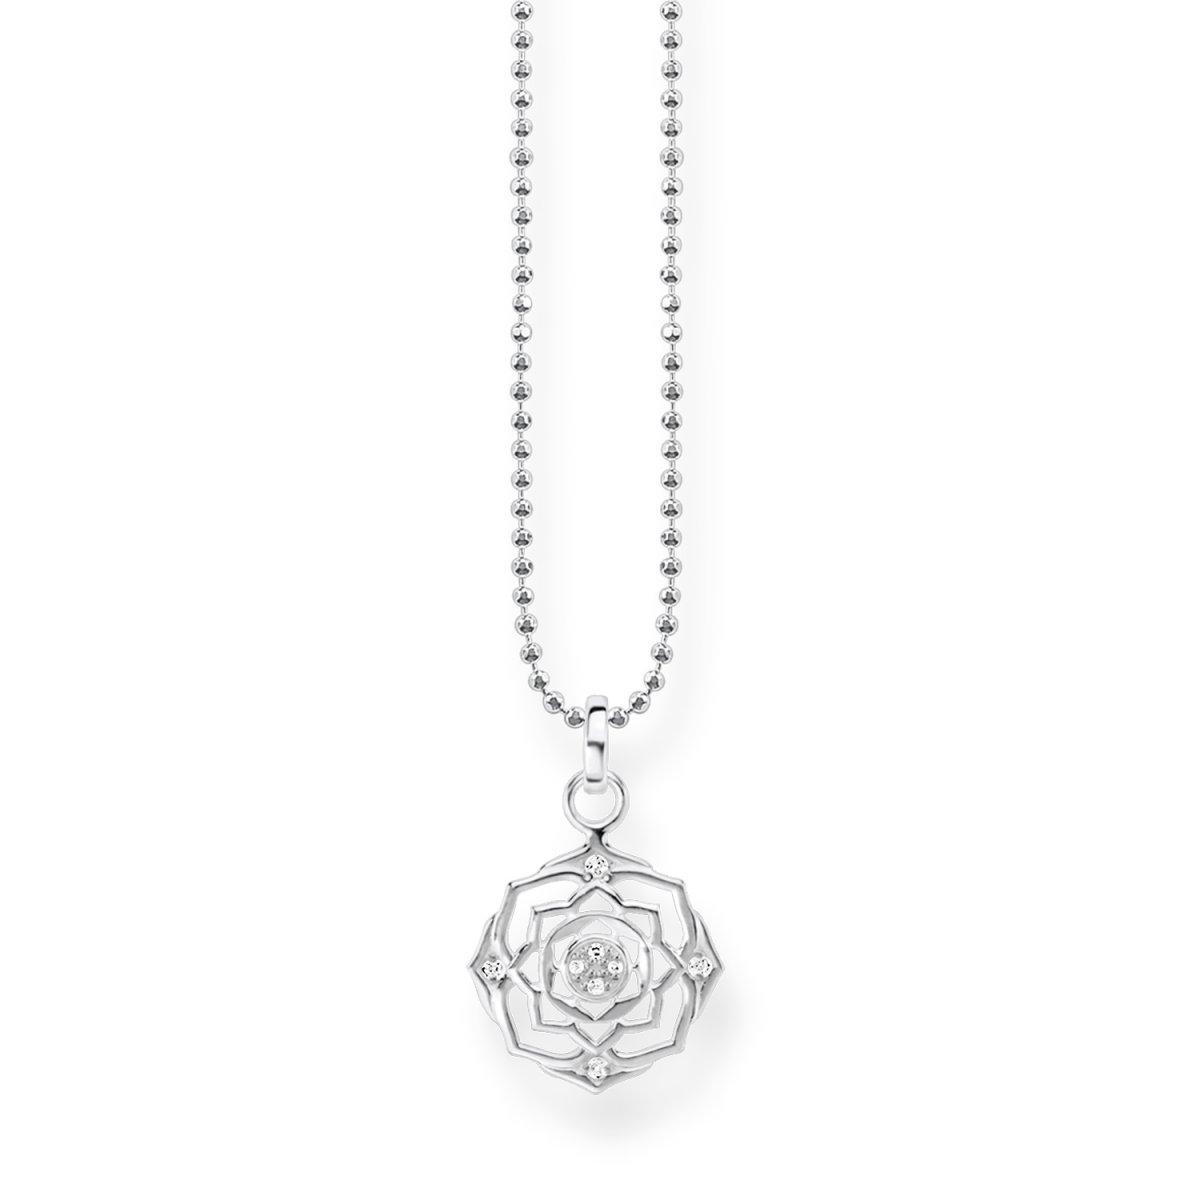 Strieborný náhrdelník THOMAS SABO